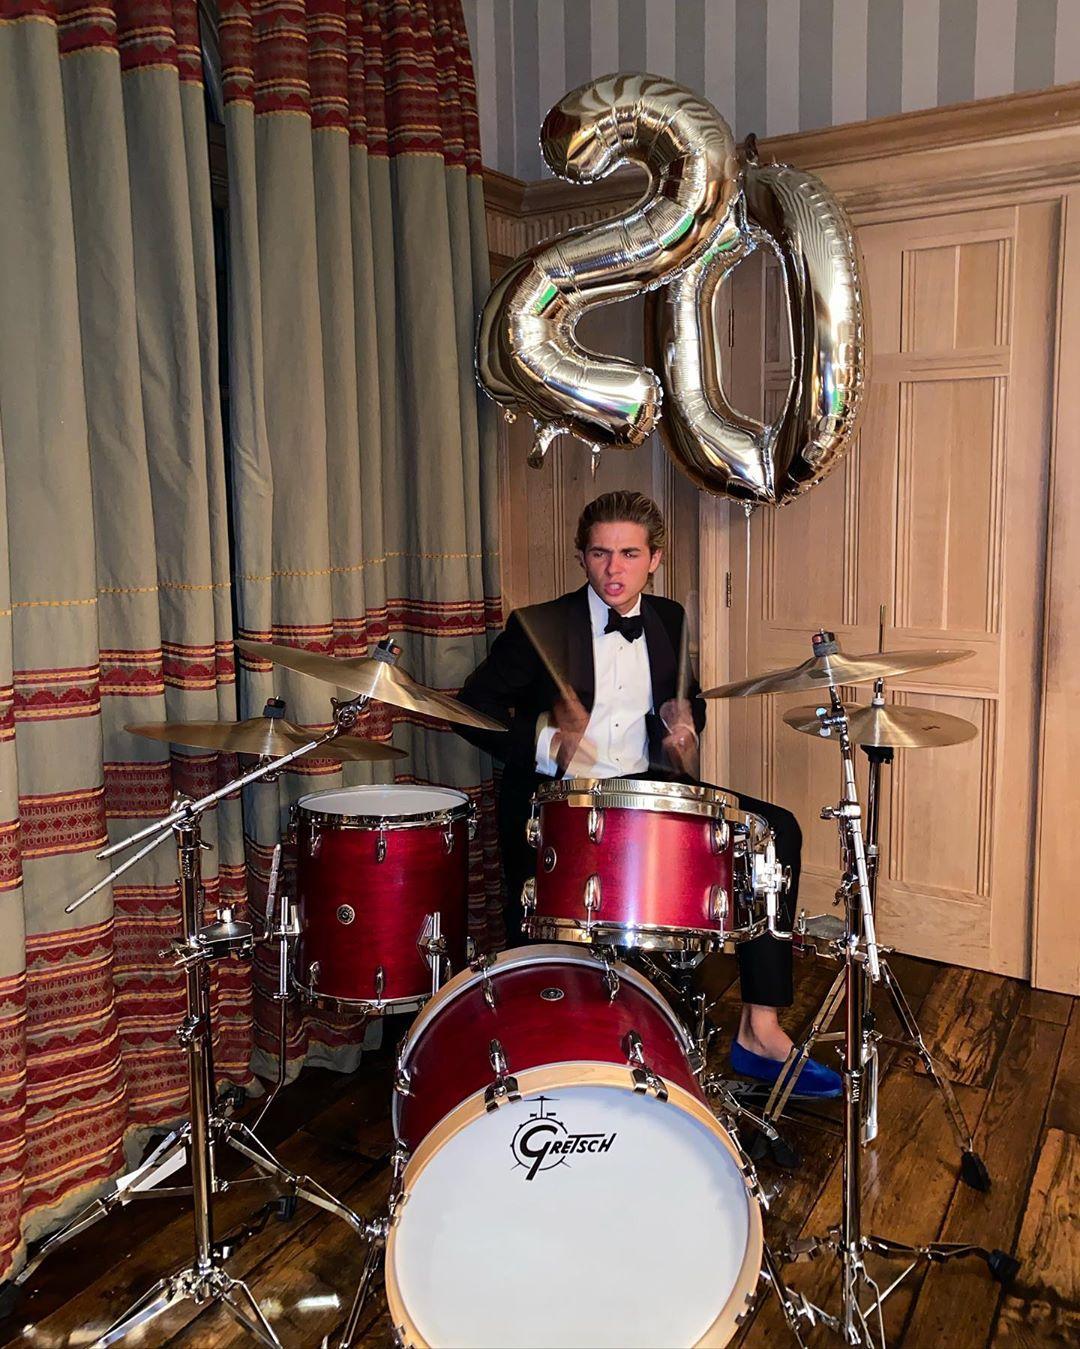 Παίζοντας ντραμς με κοστούμι και βελούδινα loafers πέρασε τα γενέθλιά του ο Αχιλλέας Γλίξμπουργκ